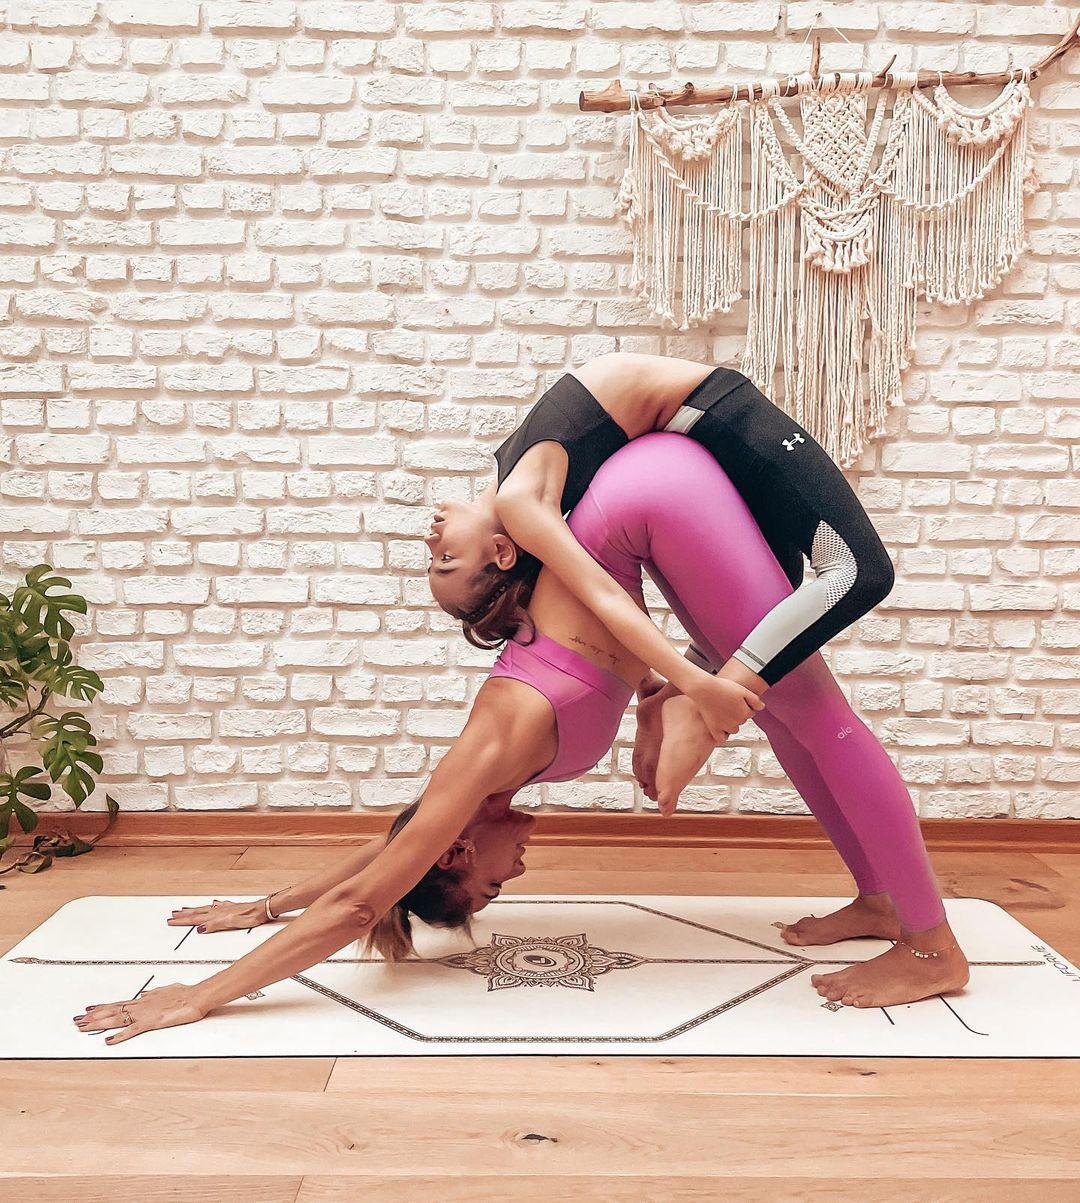 Zeynep Tokuş, Kızı Ayşe ile Yoga Yaptı